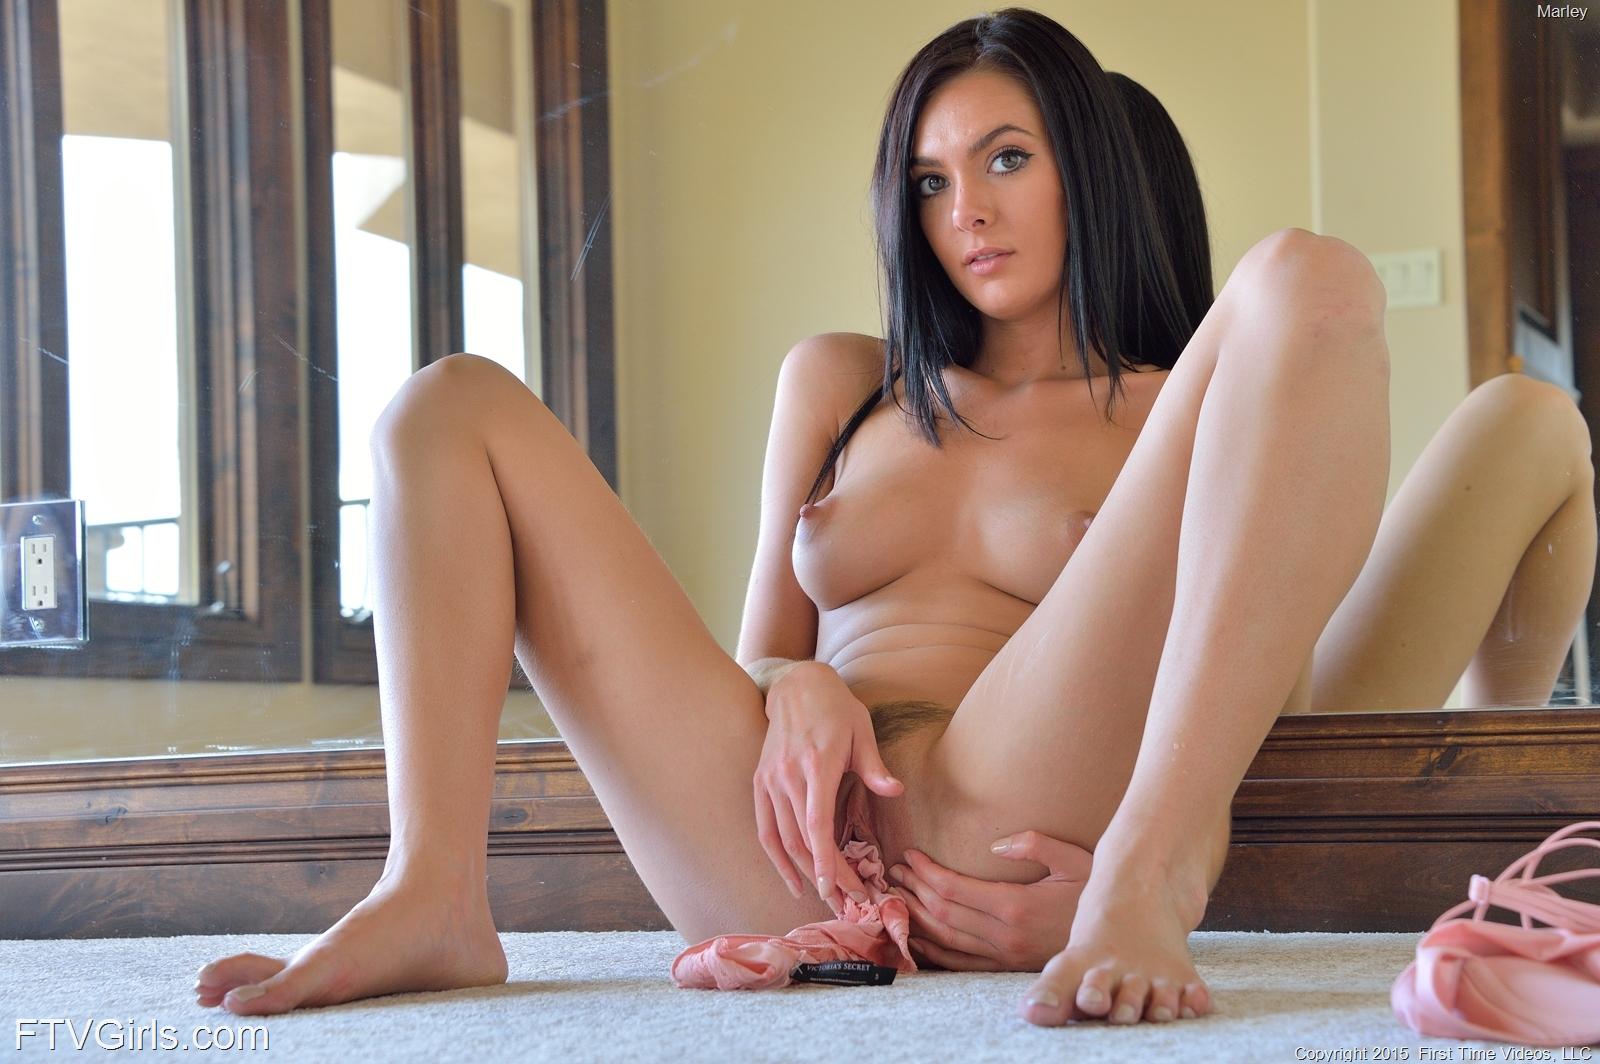 Zdjęcie porno - 104 - Zgrabna dupka i analna masturbacja